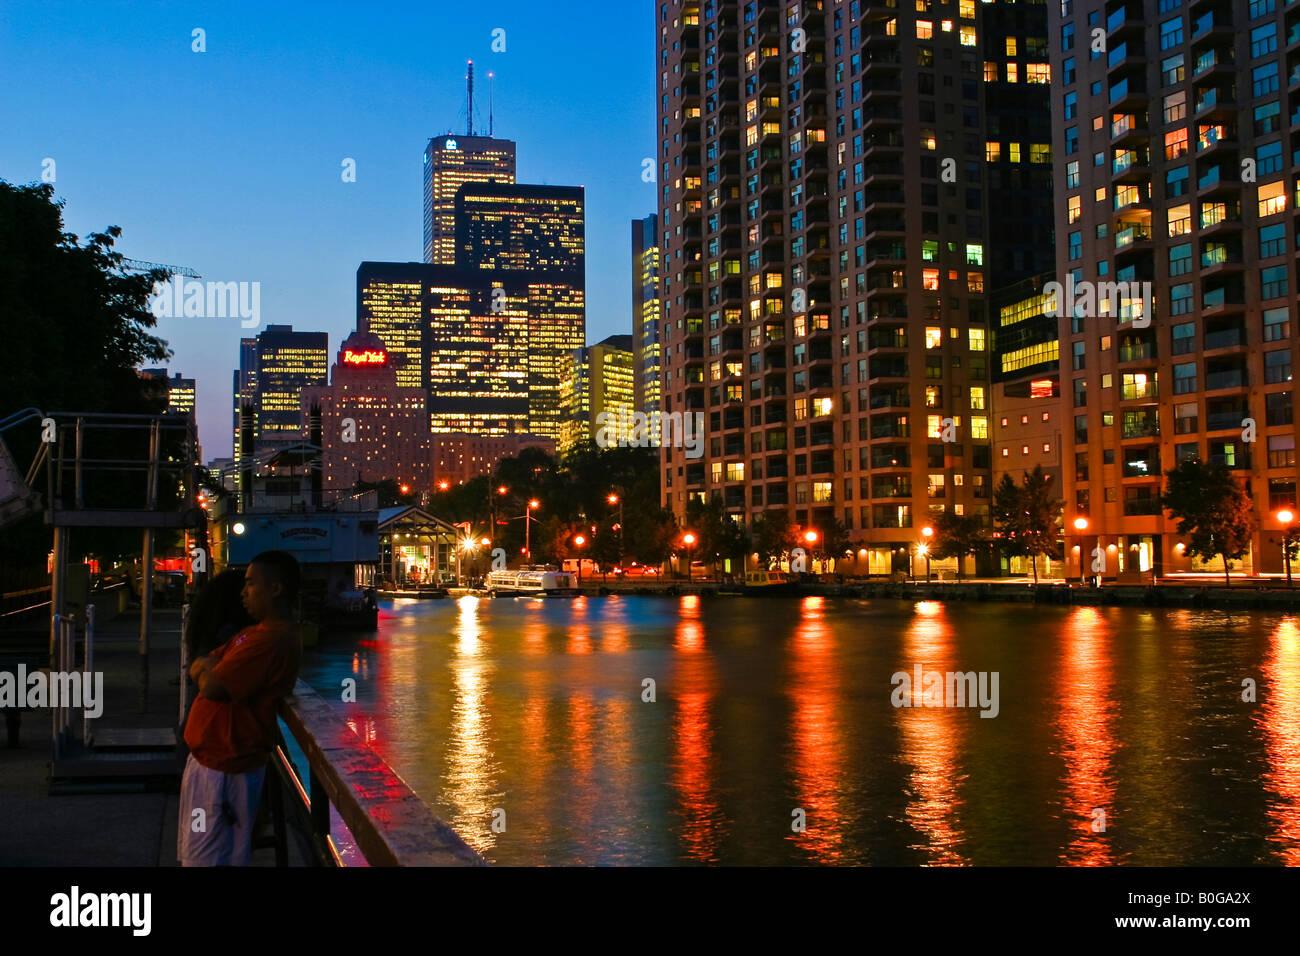 Le centre-ville de Toronto Vue nocturne du lac Ontario Harbourfront Banque D'Images